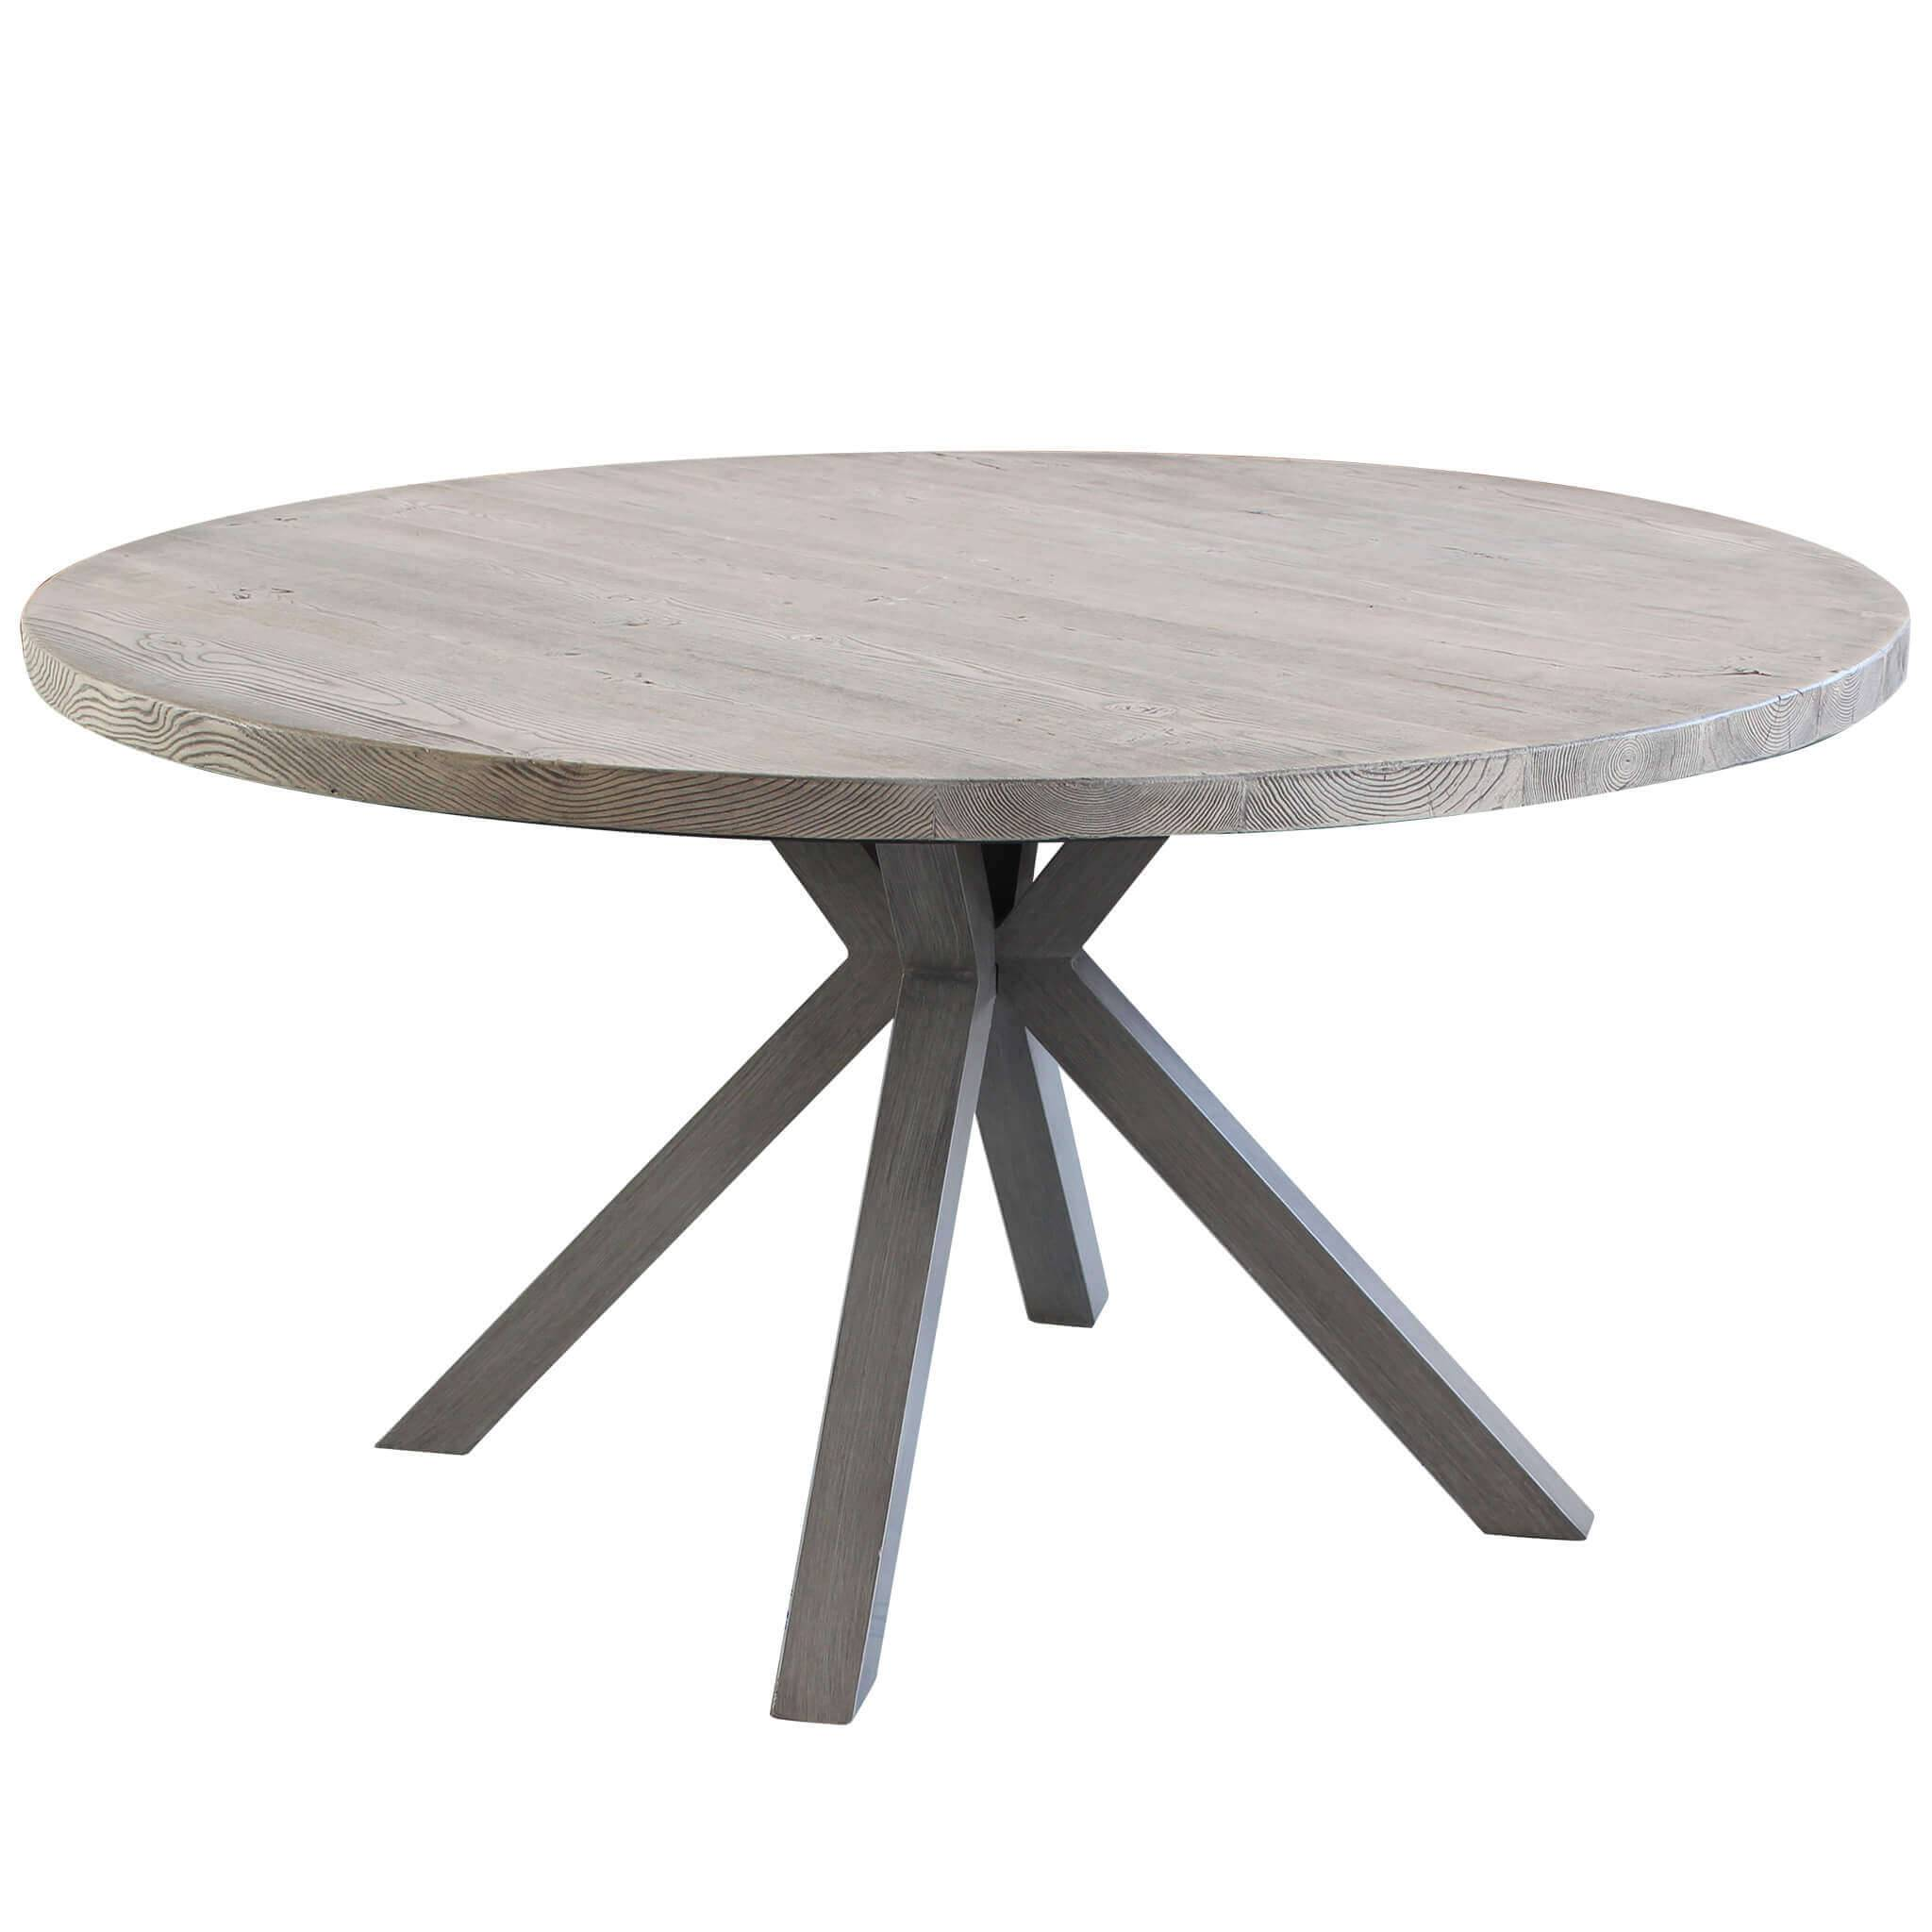 milani home ibex - tavolo da giardino in alluminio e cementite effetto legno tondo 140